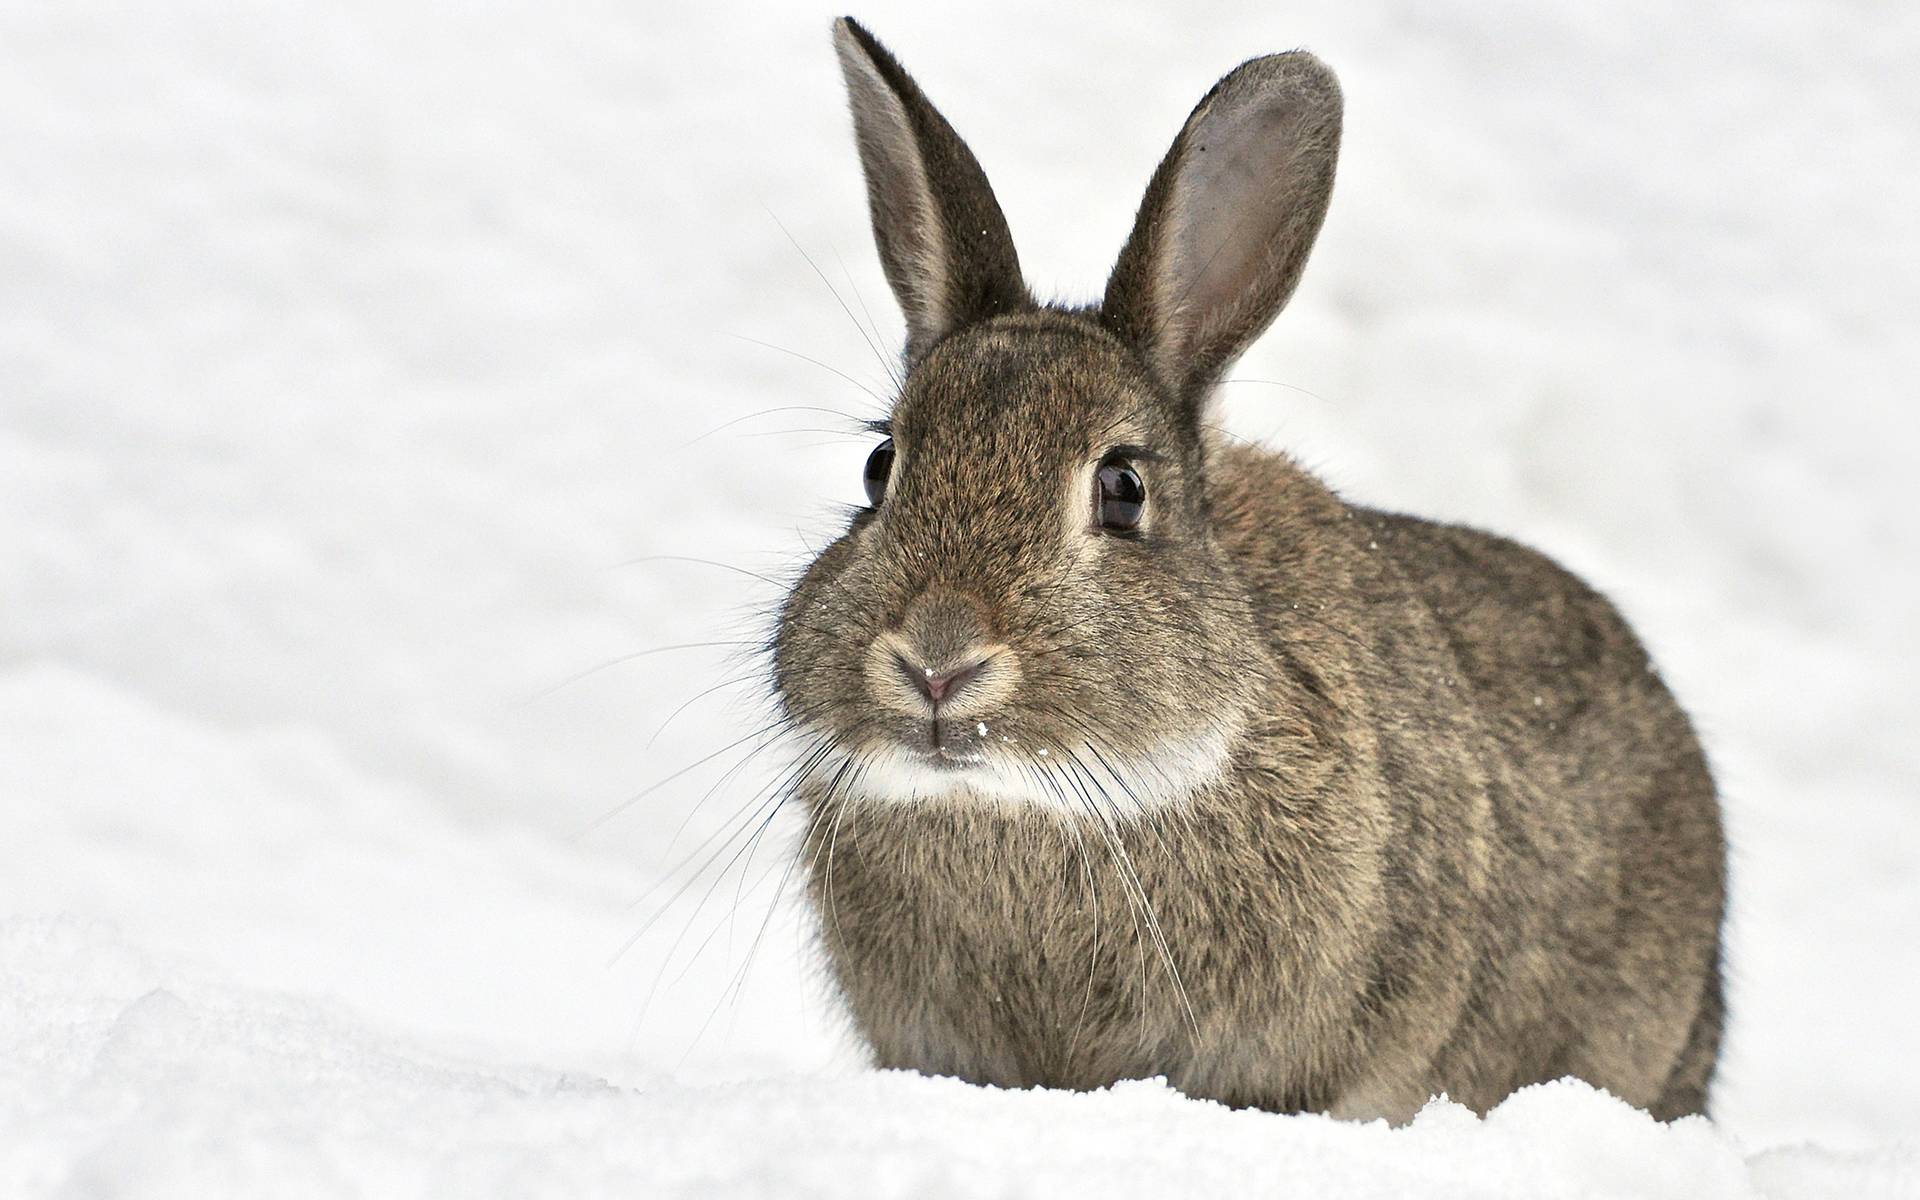 светлые красивые картинки заяц на снегу здоровье будет